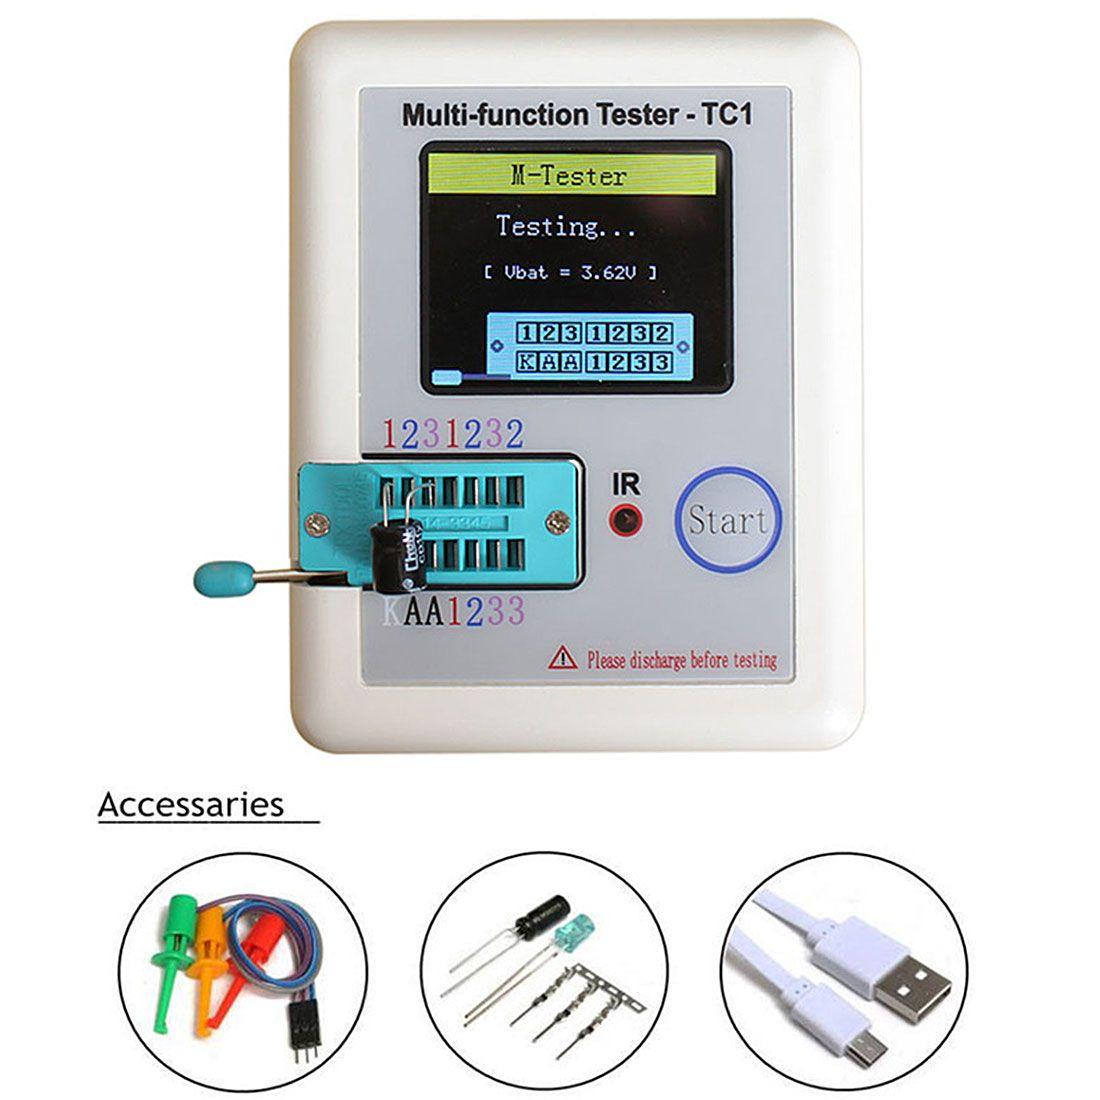 3.7V LCD Digital Transistor Tester Meter LCR-TC Backlight Diode Triode Capacitance Meter For MOSFET/PNP/NPN/JFET